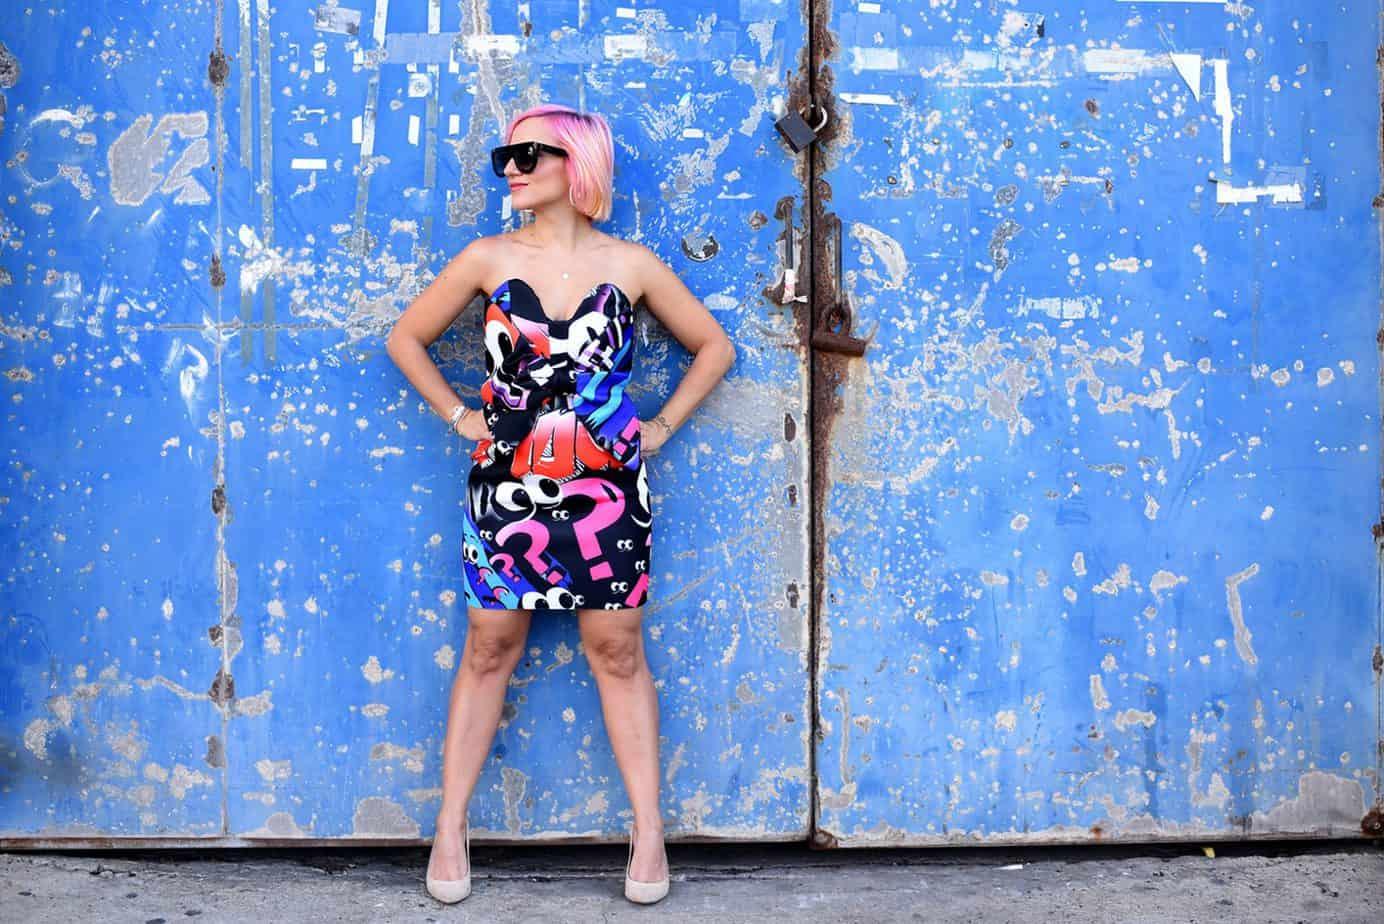 נעלי עקב שחור Castro שמלה צבעונית asos x the Emoji movie, מורן טרסוב, Moran Tarasov, צילום: לימור יערי - 16